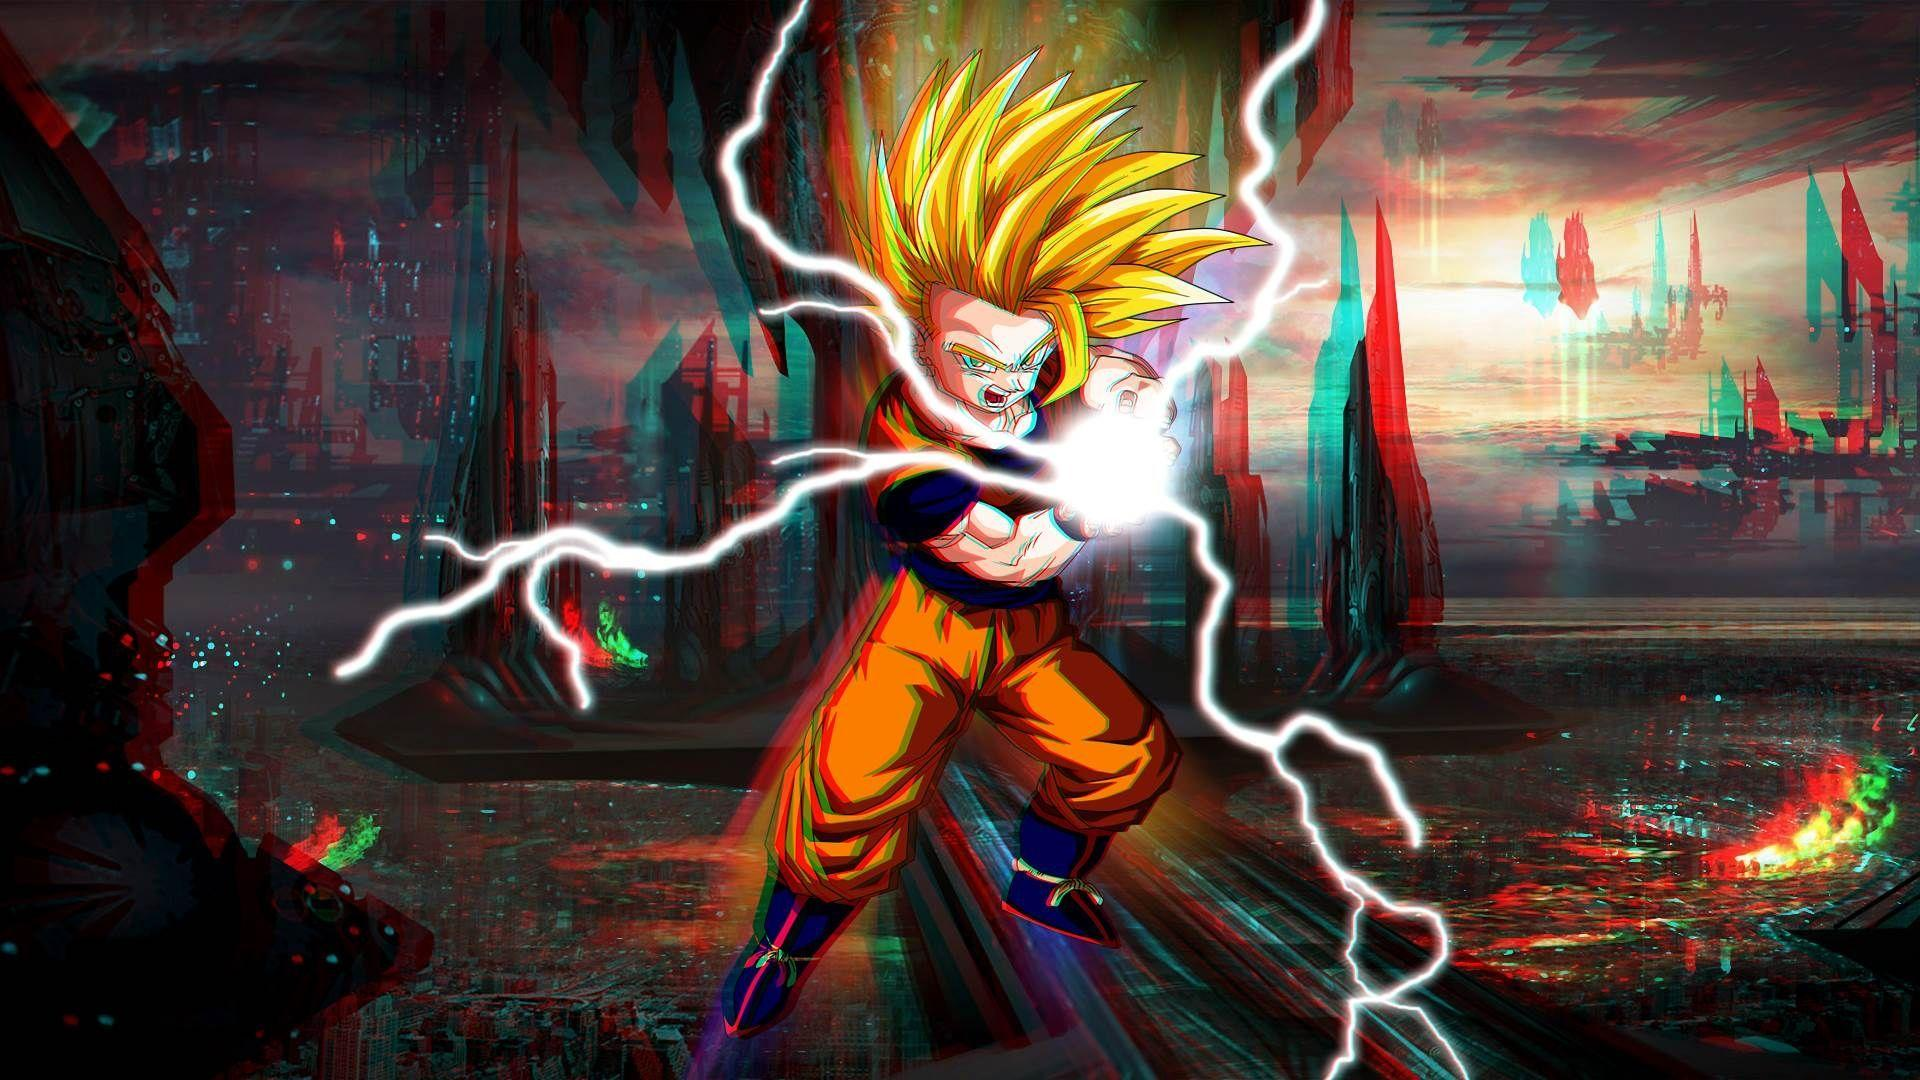 Dragon Ball Z Wallpapers Goku And Vegeta Super Saiyan 4 Wallpaper Cave